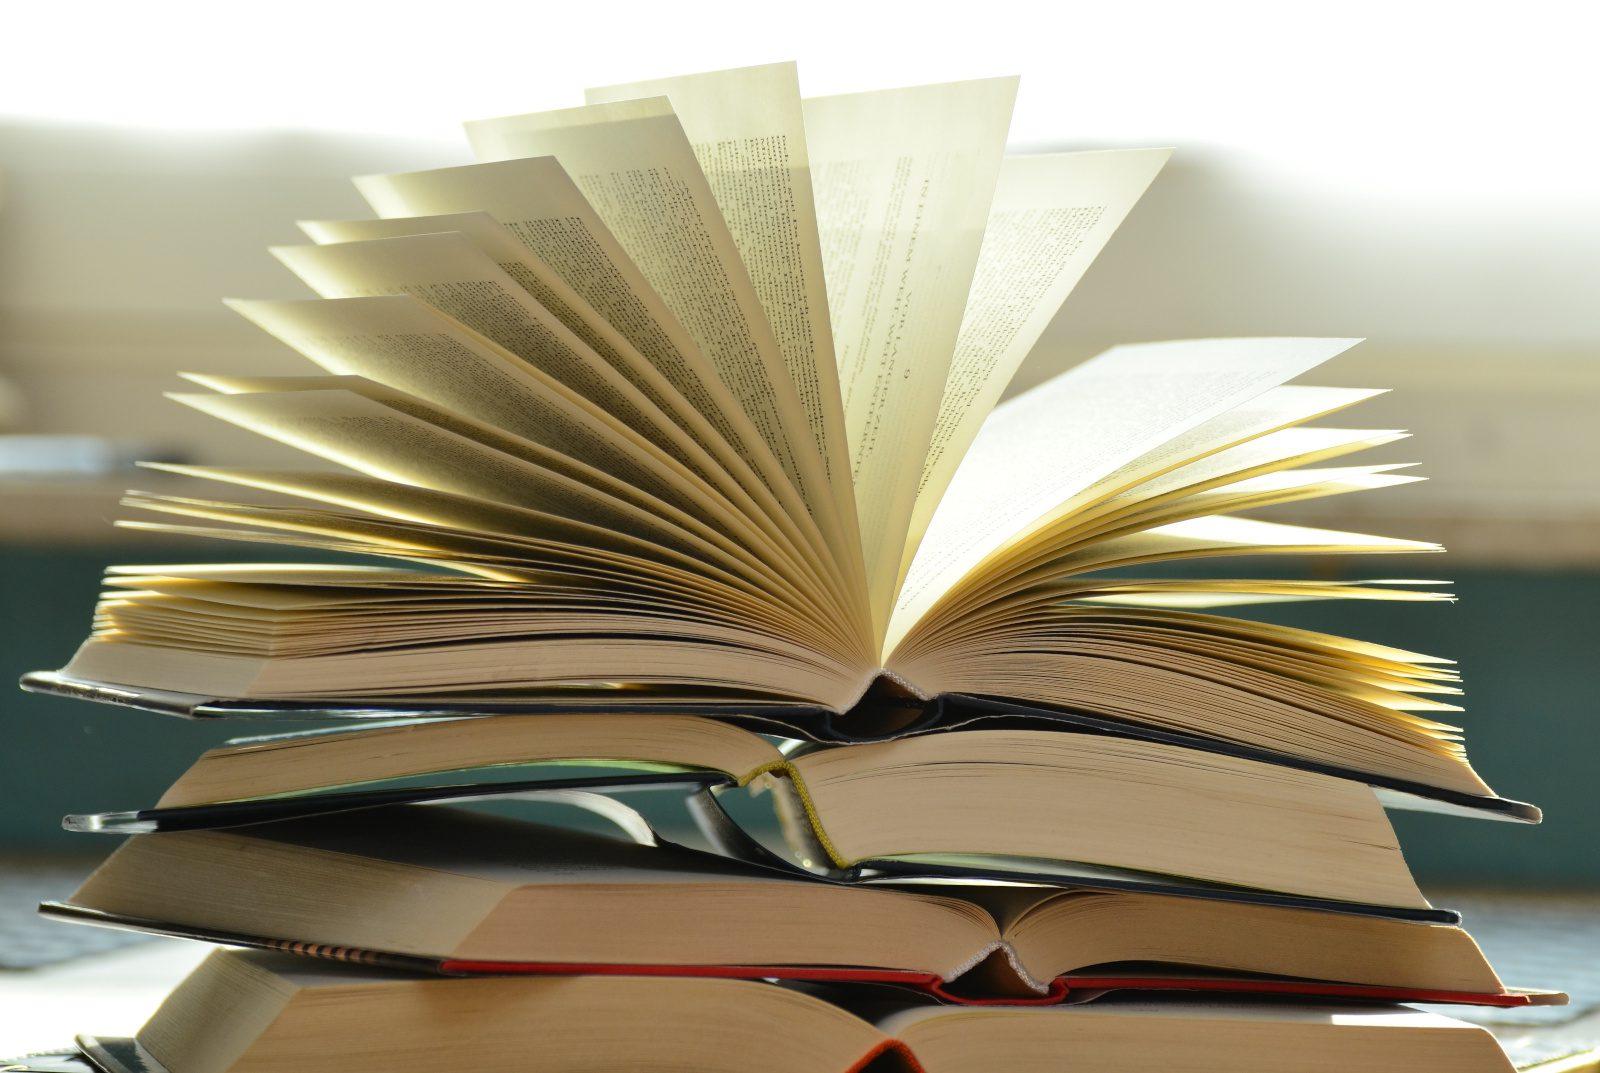 Kirjapinon päällä aukinainen kirja, jonka sivut ovet kaarevasti auki.